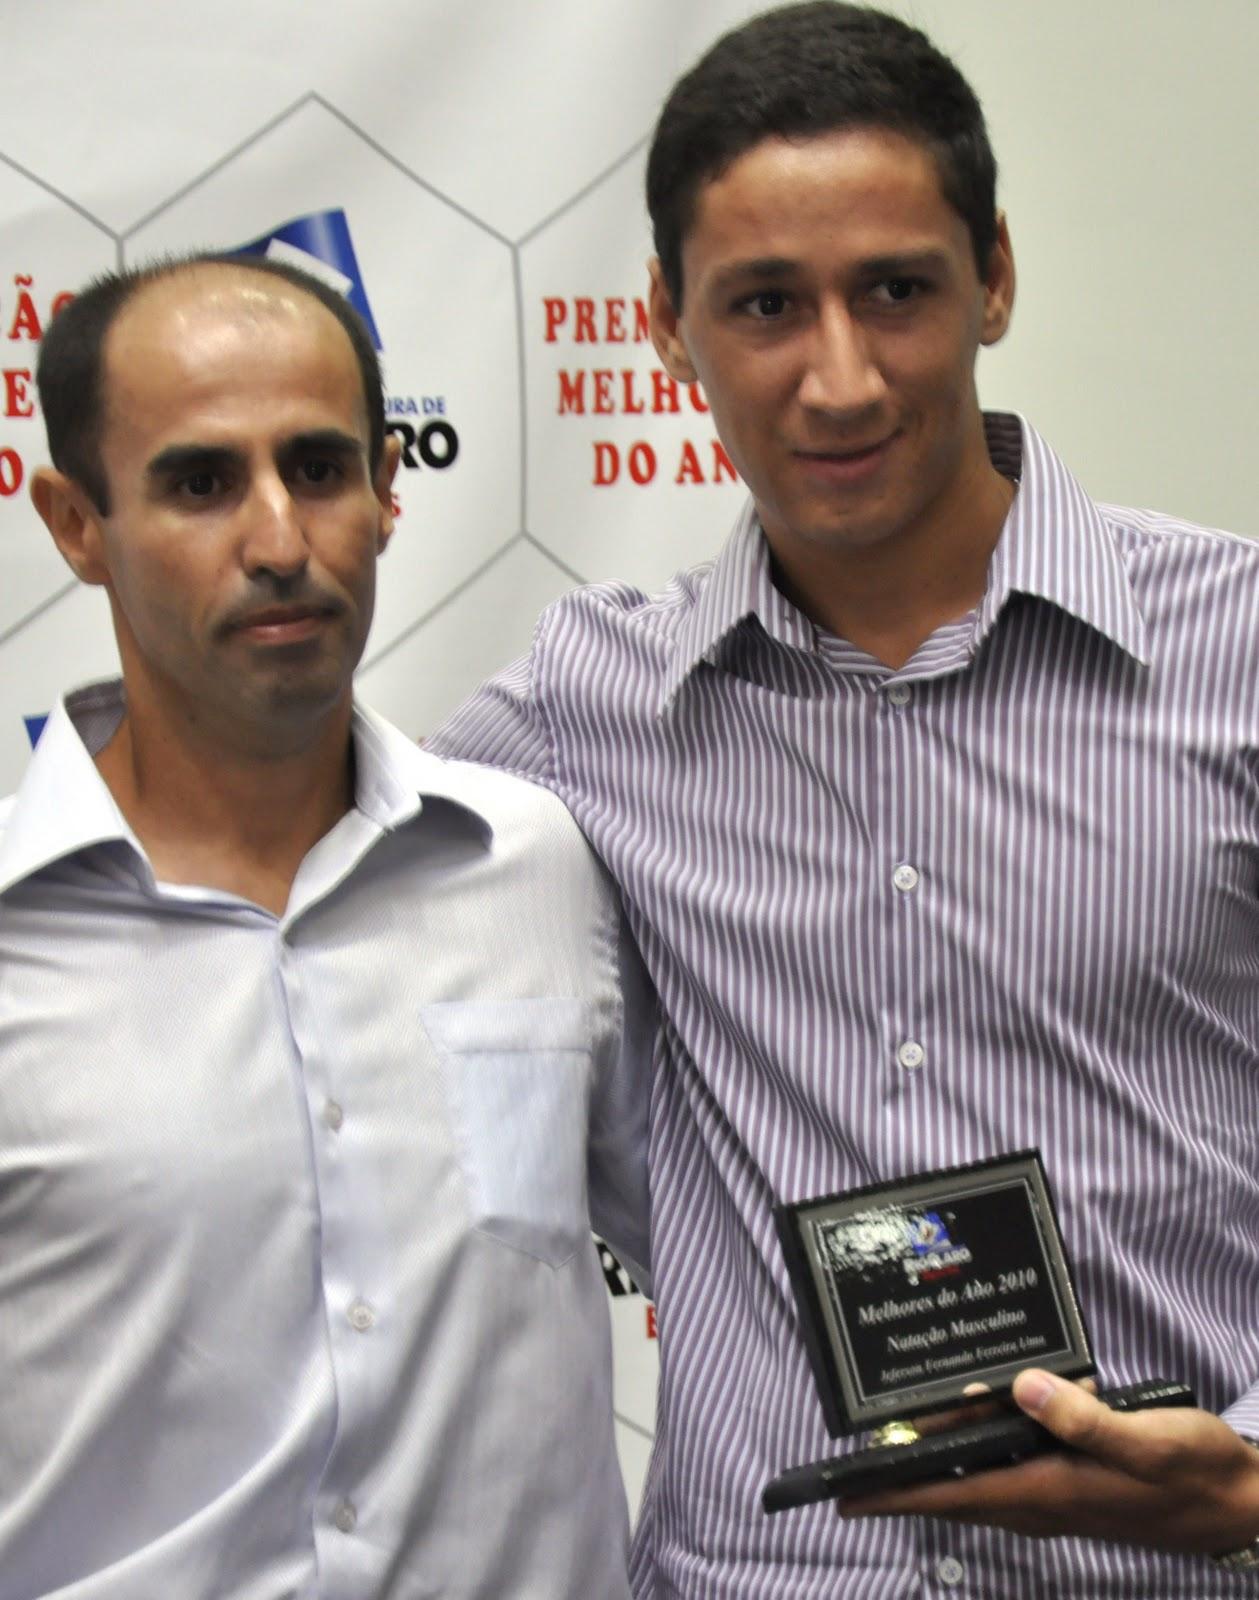 Prefeitura de Rio Claro homenageou os Melhores de 2010 Esporte #685E6D 1259x1600 Banheiro Adaptado Arthur Lima